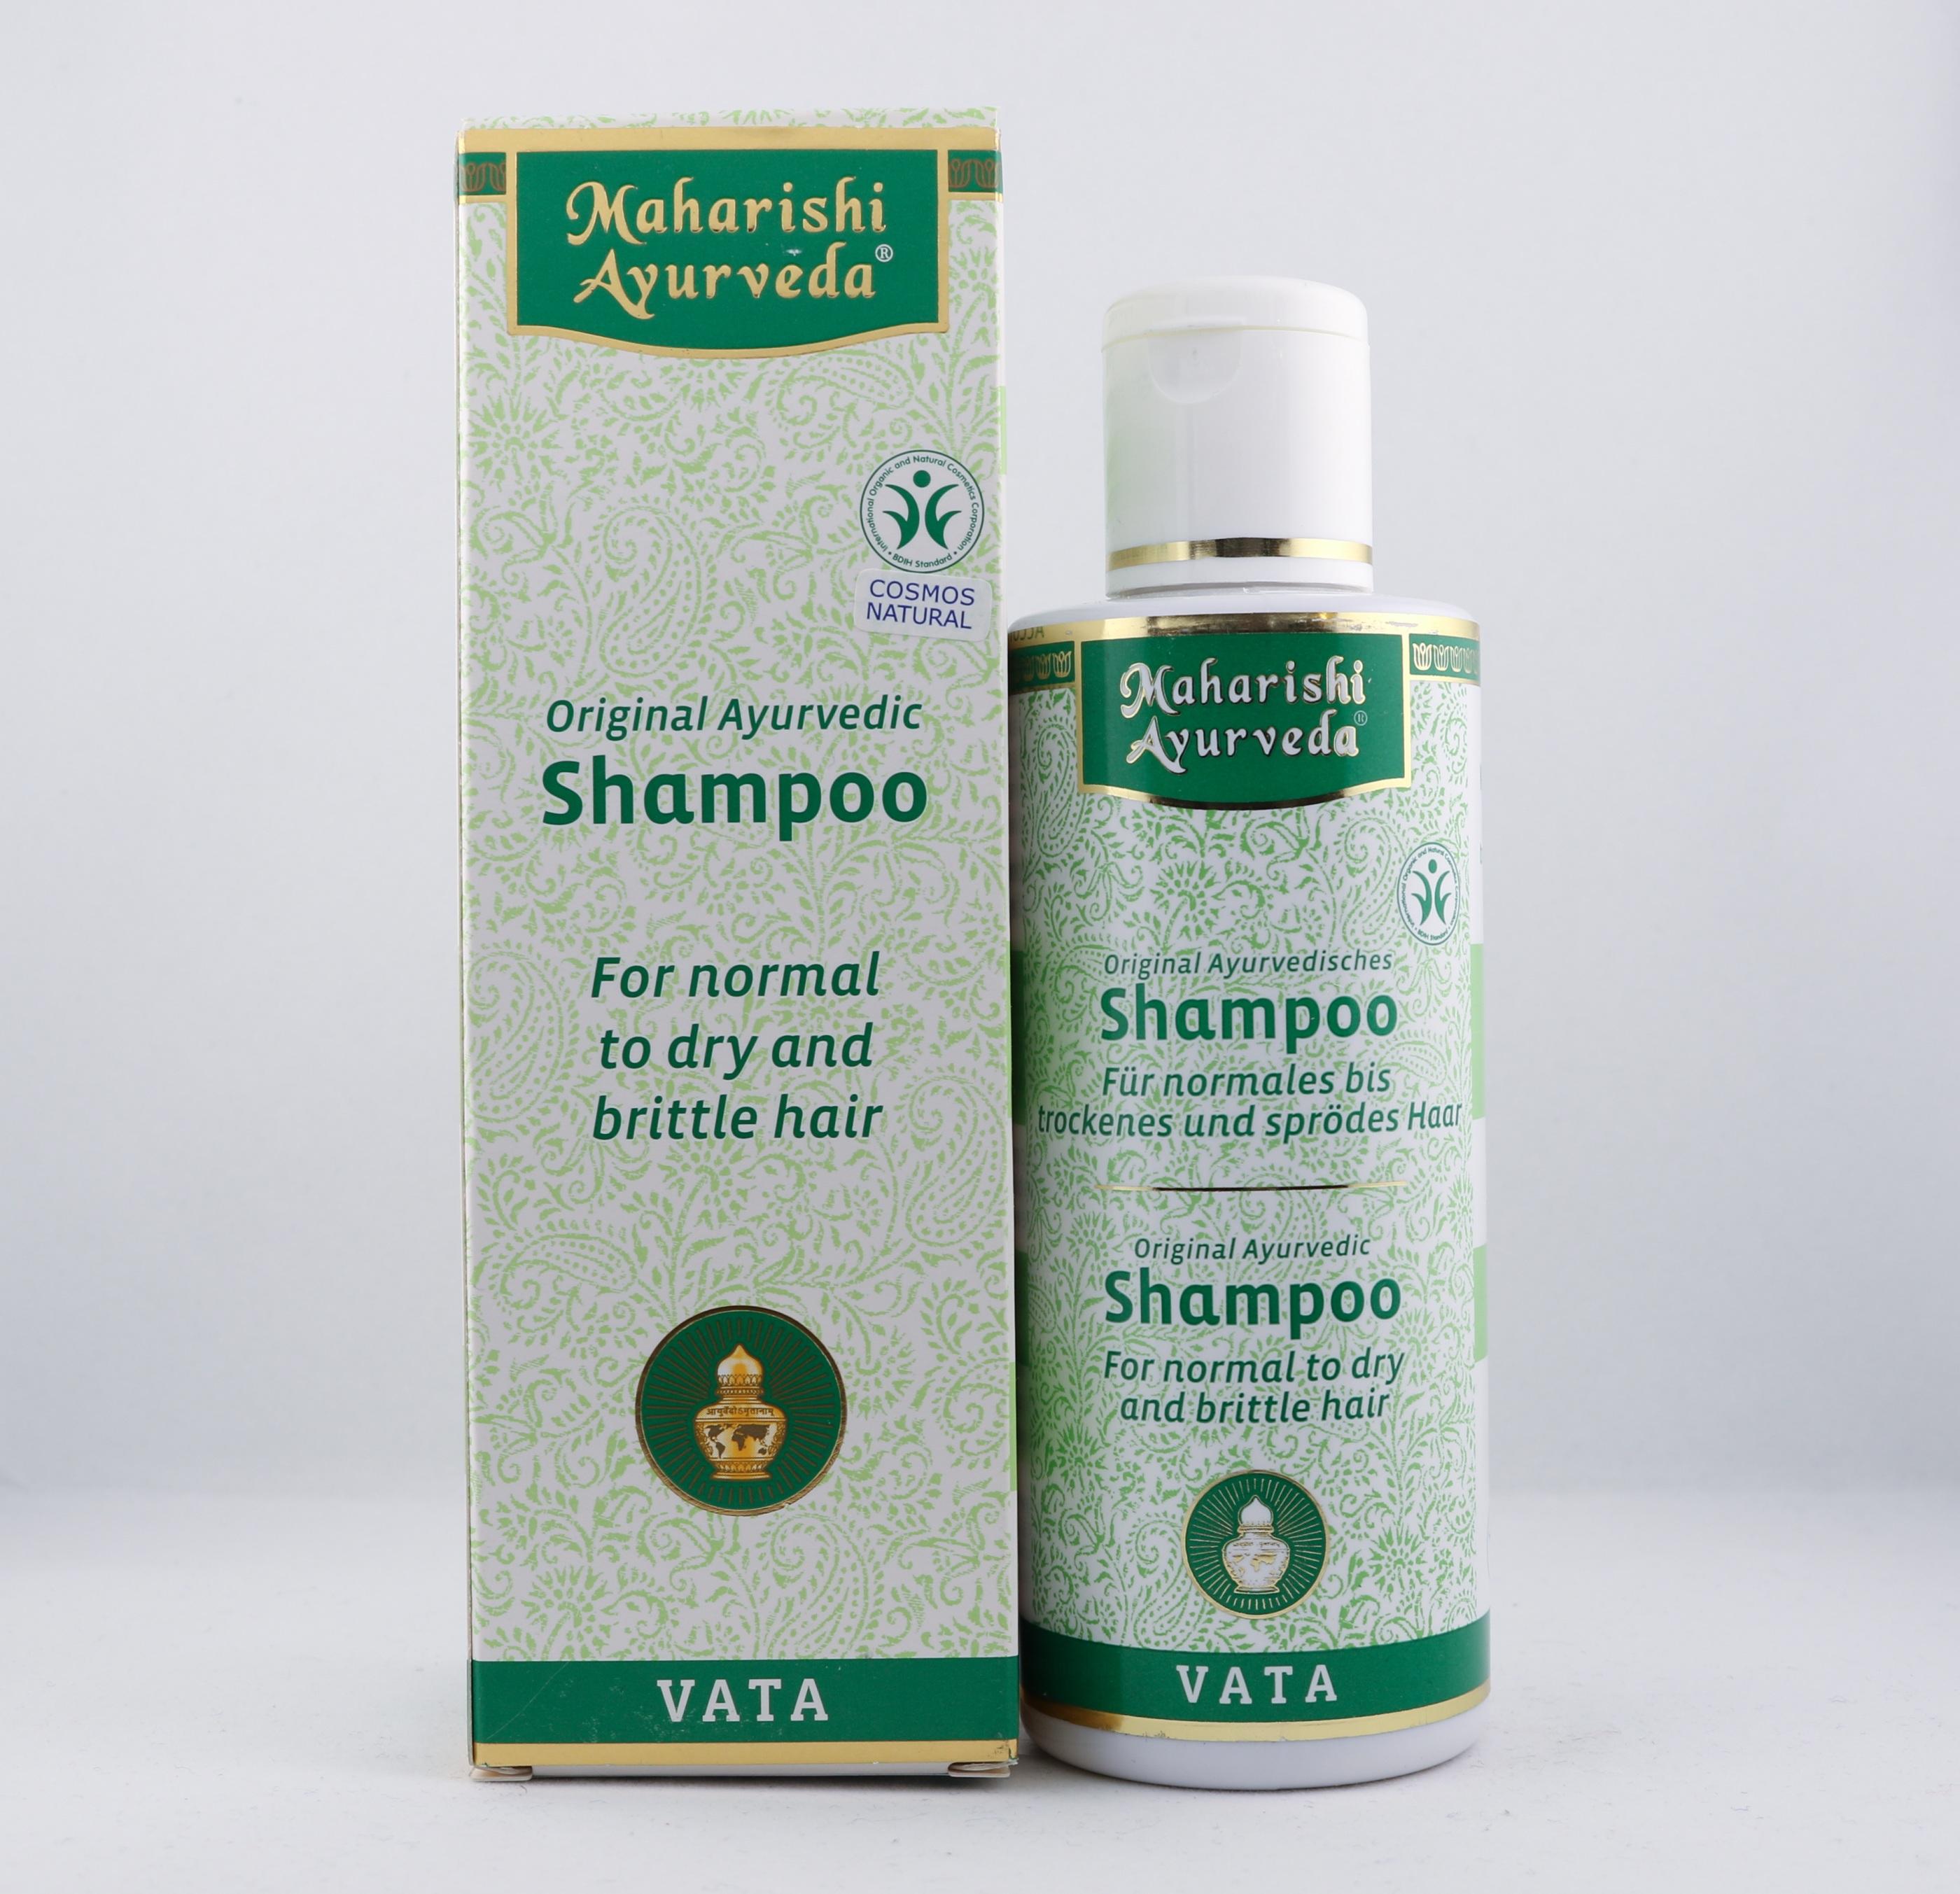 Vata schampo hygien hårtyper alternativ hälsa wellness ayurveda torrt hår